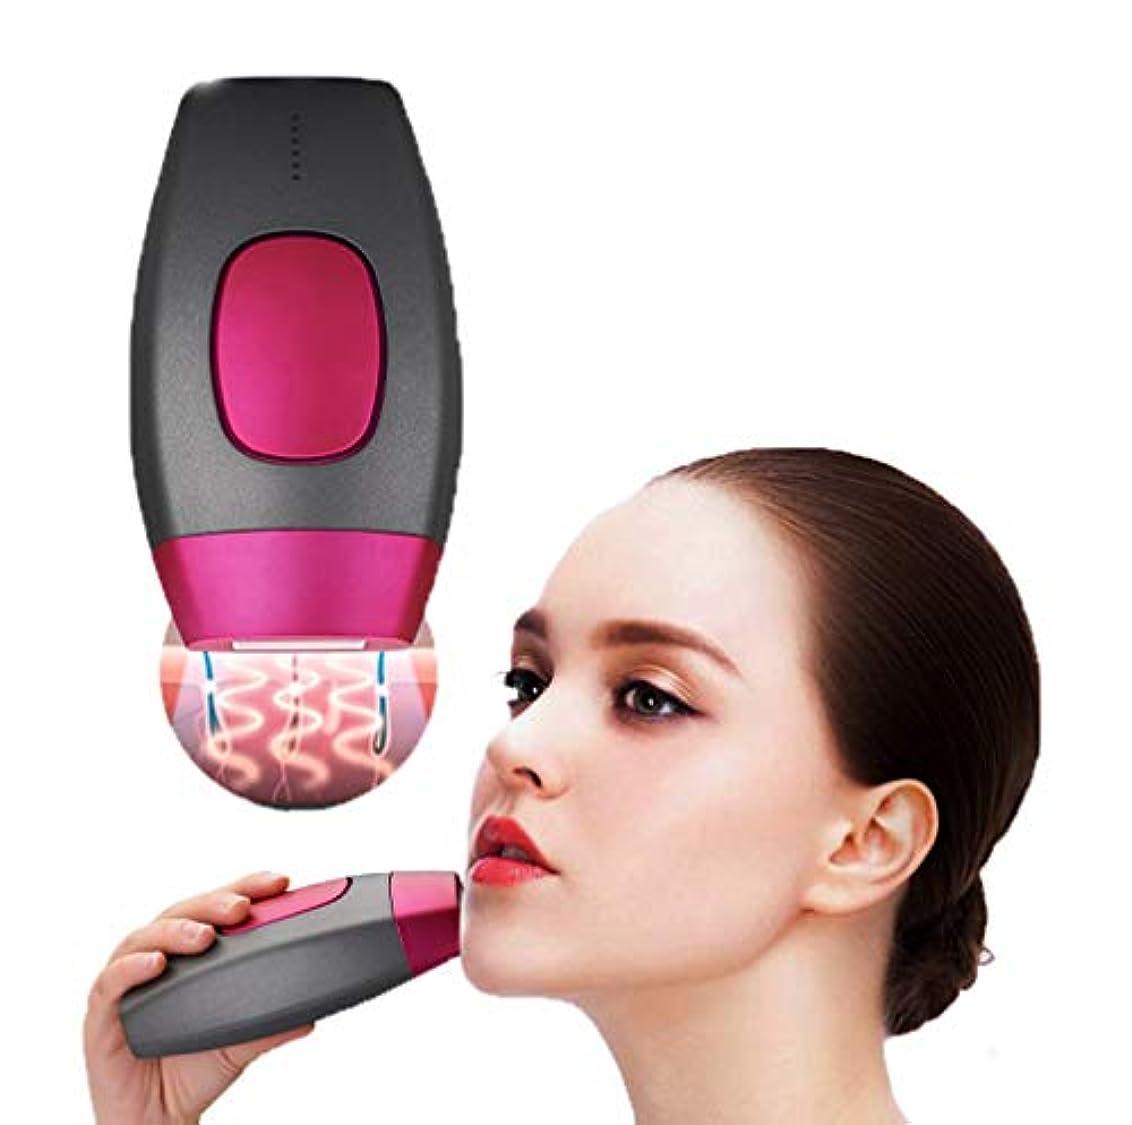 温度スリル返還女性の男性の体の顔とビキニの家庭用ライトシステム痛みのない美容デバイスでのレーザー脱毛